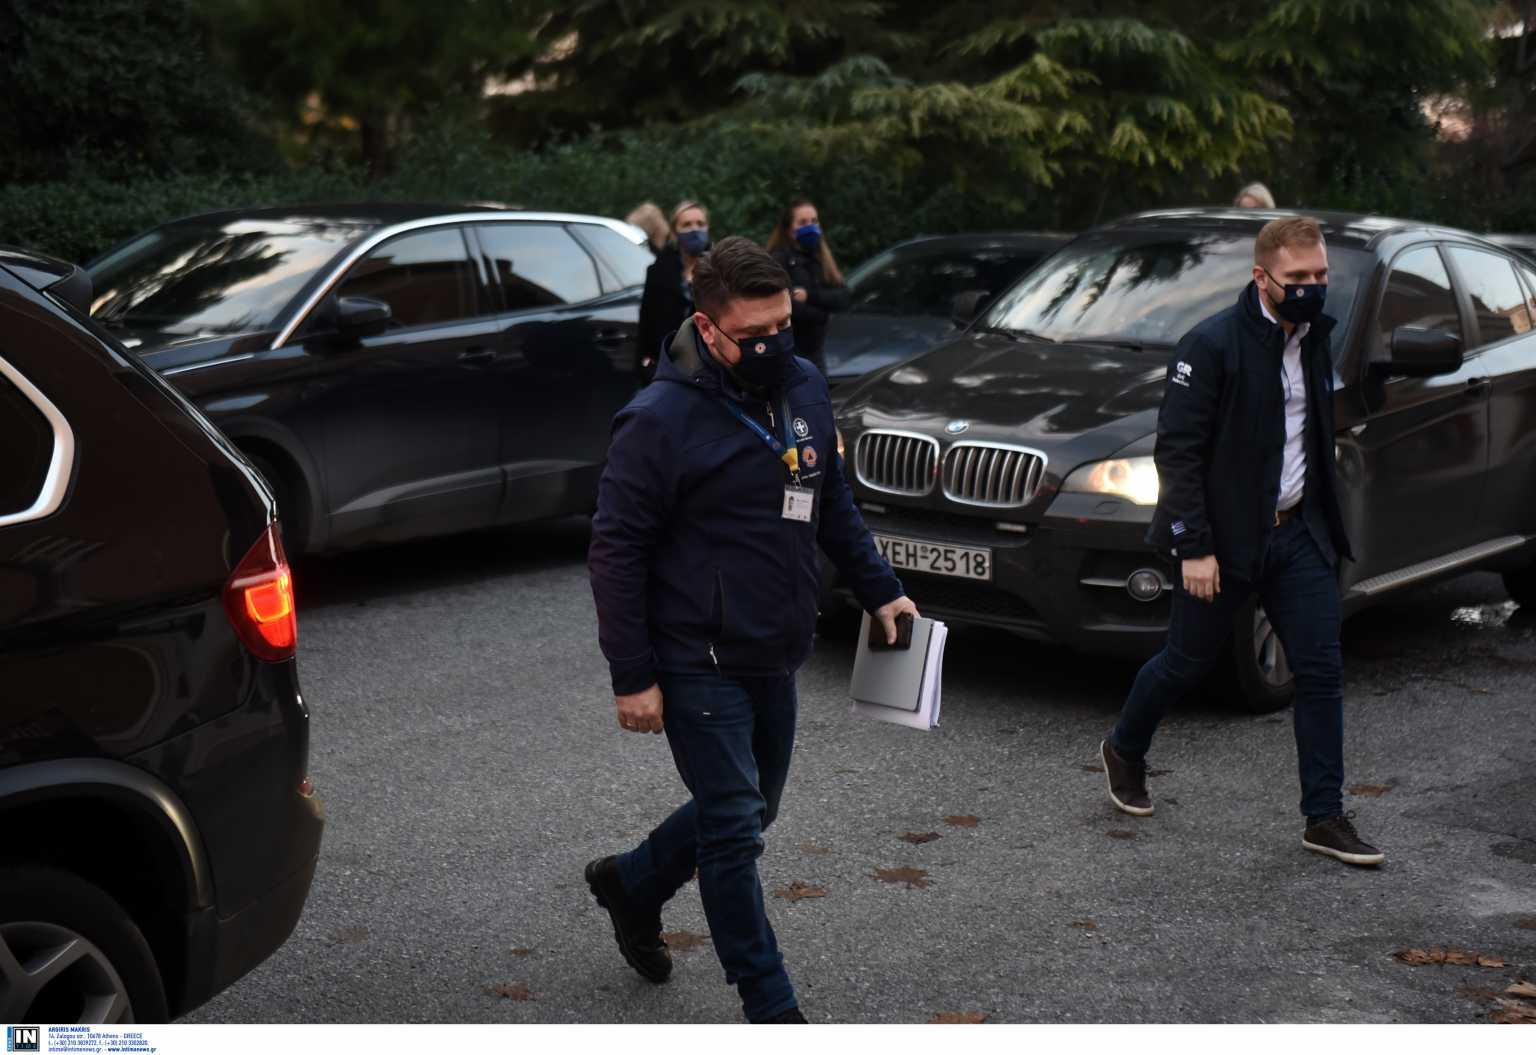 Χαρδαλιάς: Σκληρό lockdown στην δυτική Αττική! «Λουκέτο» στο λιανεμπόριο, απαγόρευση κυκλοφορίας από τις 18:00